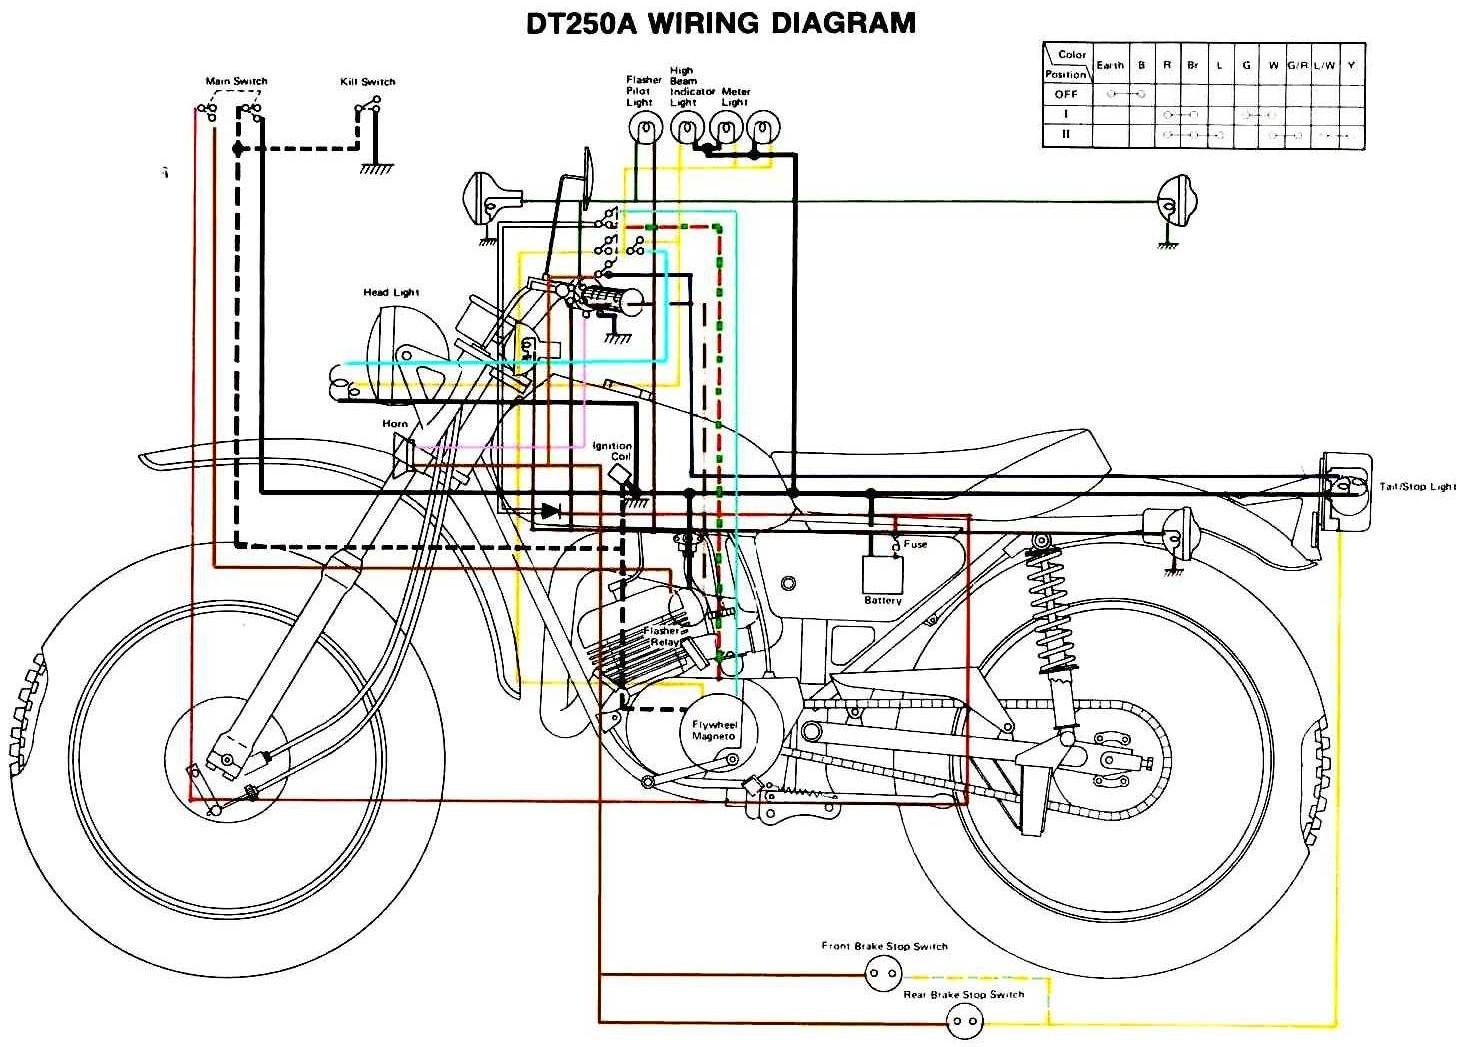 1971 Yamaha Ct1 Wiring Diagram Wiring Diagram Monitor1 Monitor1 Maceratadoc It